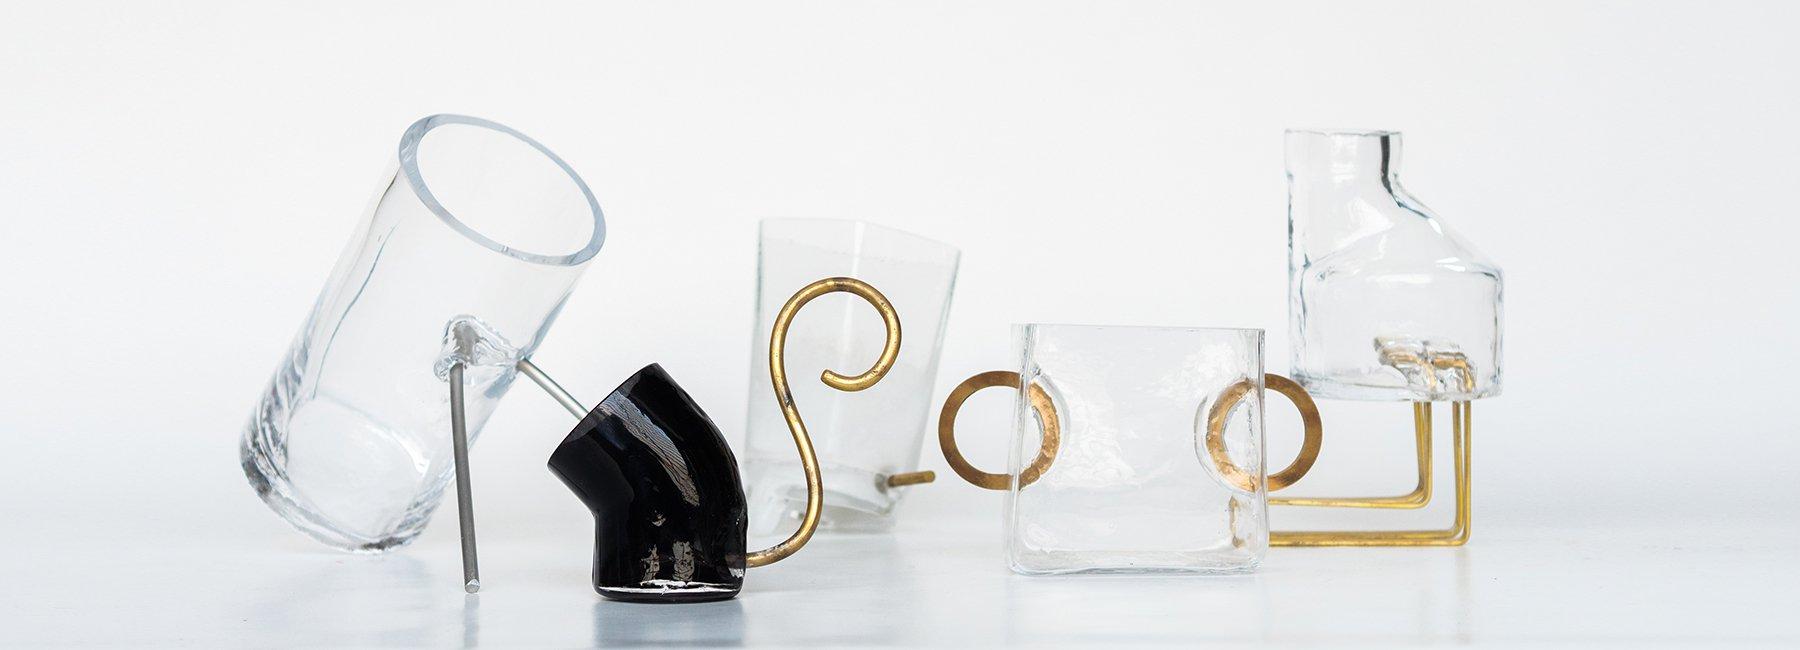 ترکیب خلاقانه شیشه و برنج در ساخت گدان توسط hellène gaulier